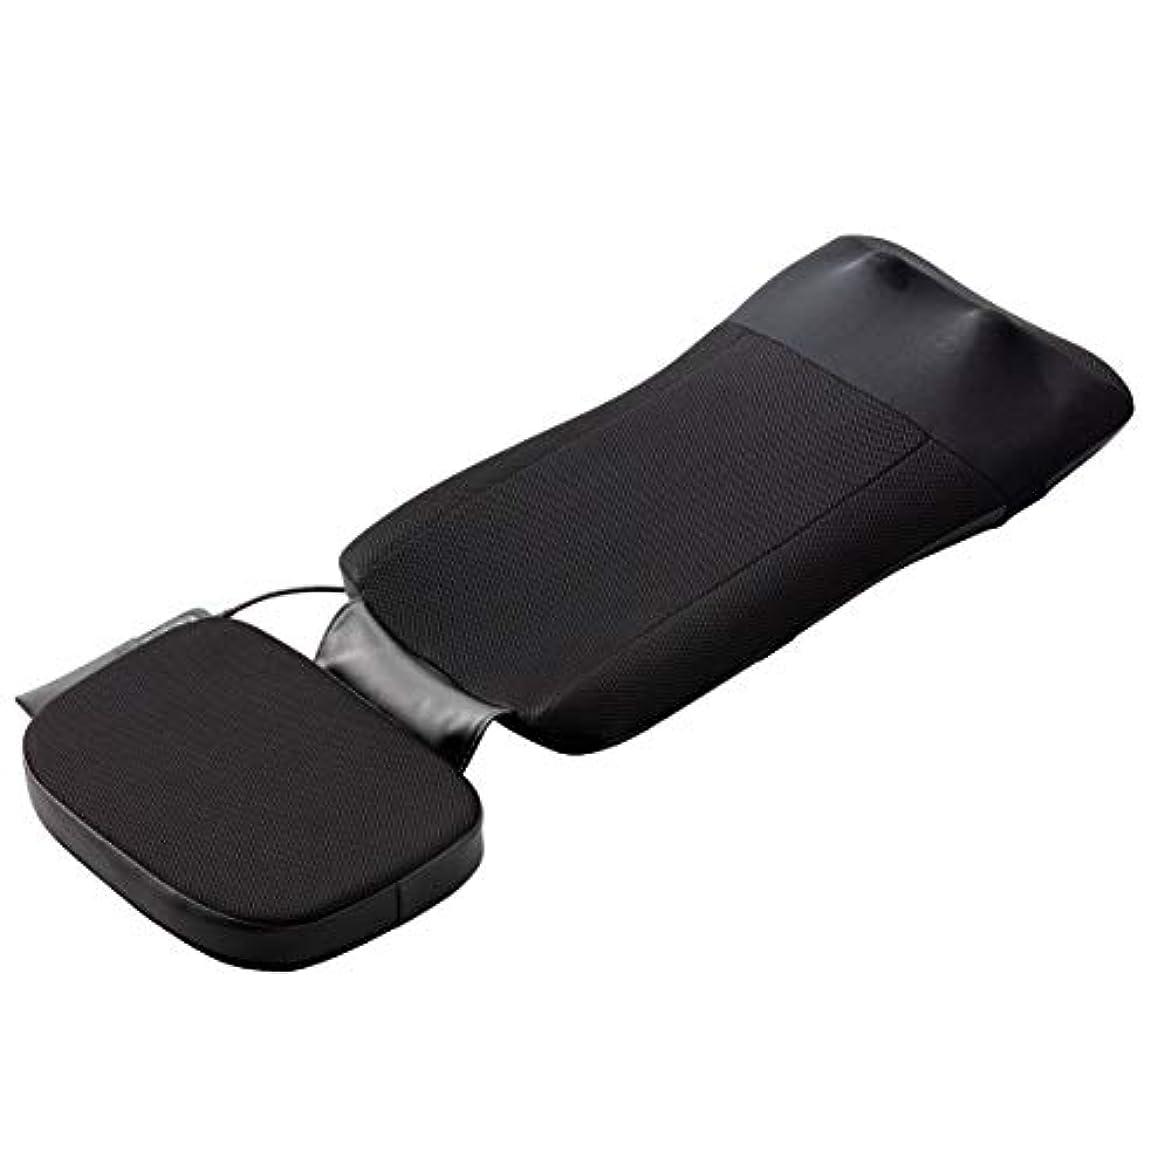 抑制する命令険しいスライヴ マッサージシート 【寝て使用可能】ストレッチコース付き ブラック MD-8670 BK